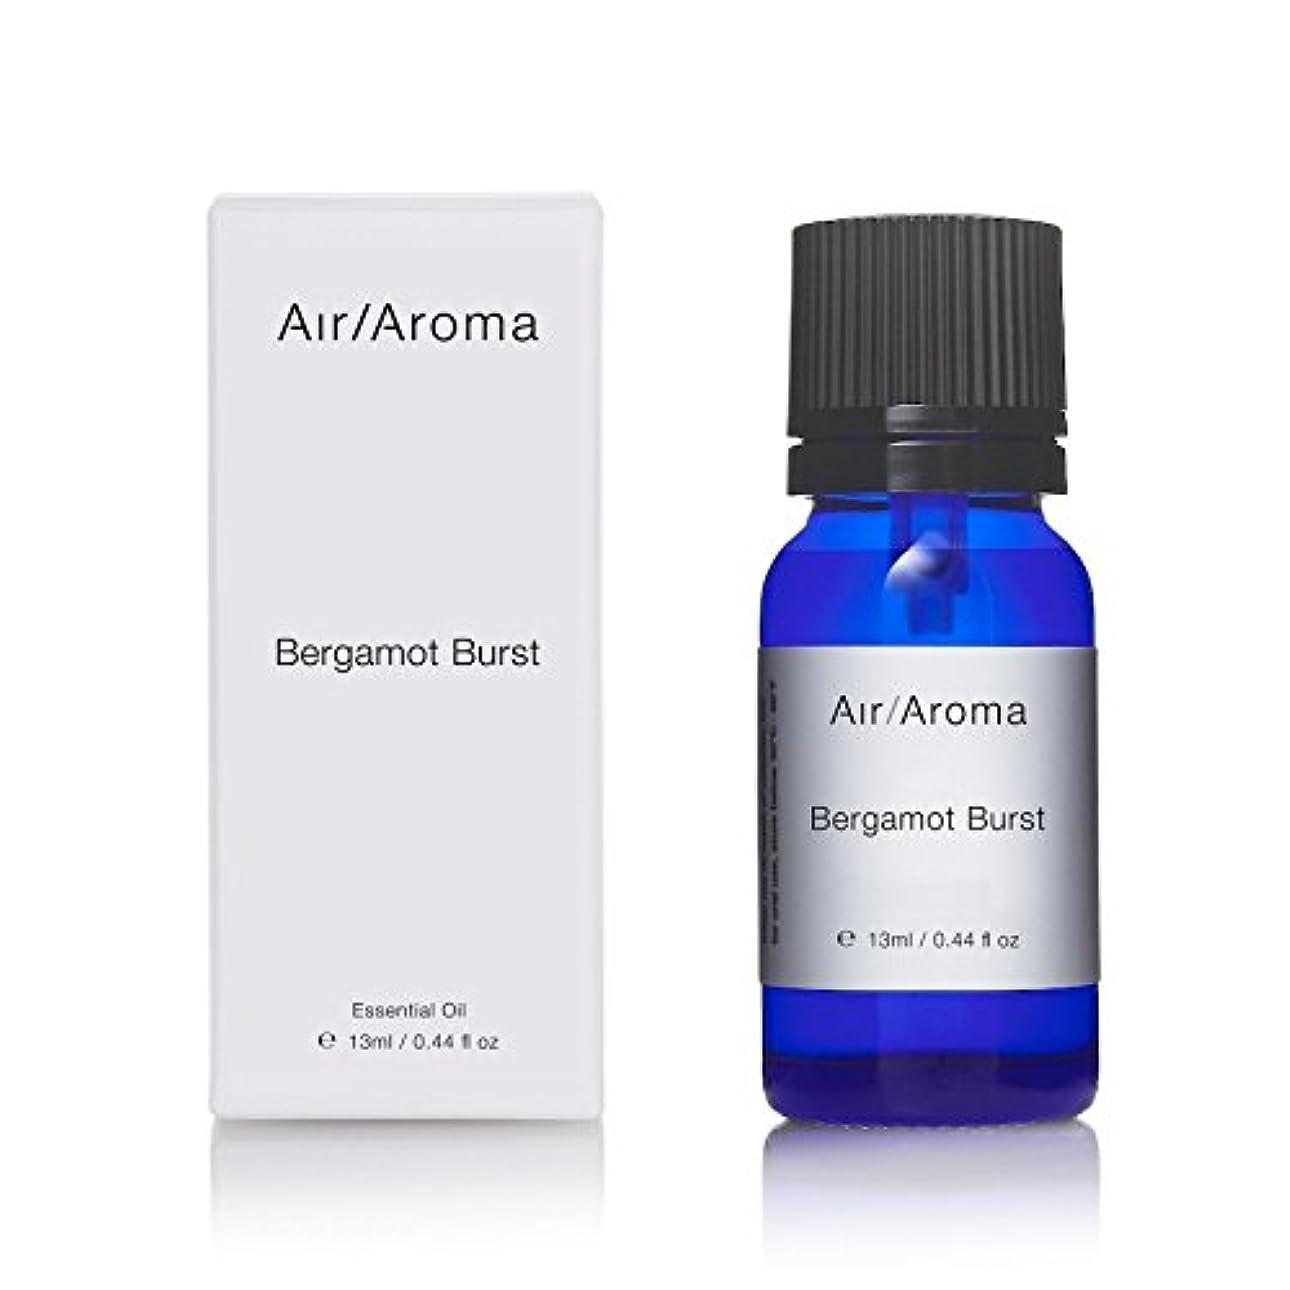 転倒洗う道路を作るプロセスエアアロマ bergamot burst (ベルガモットバースト) 13ml